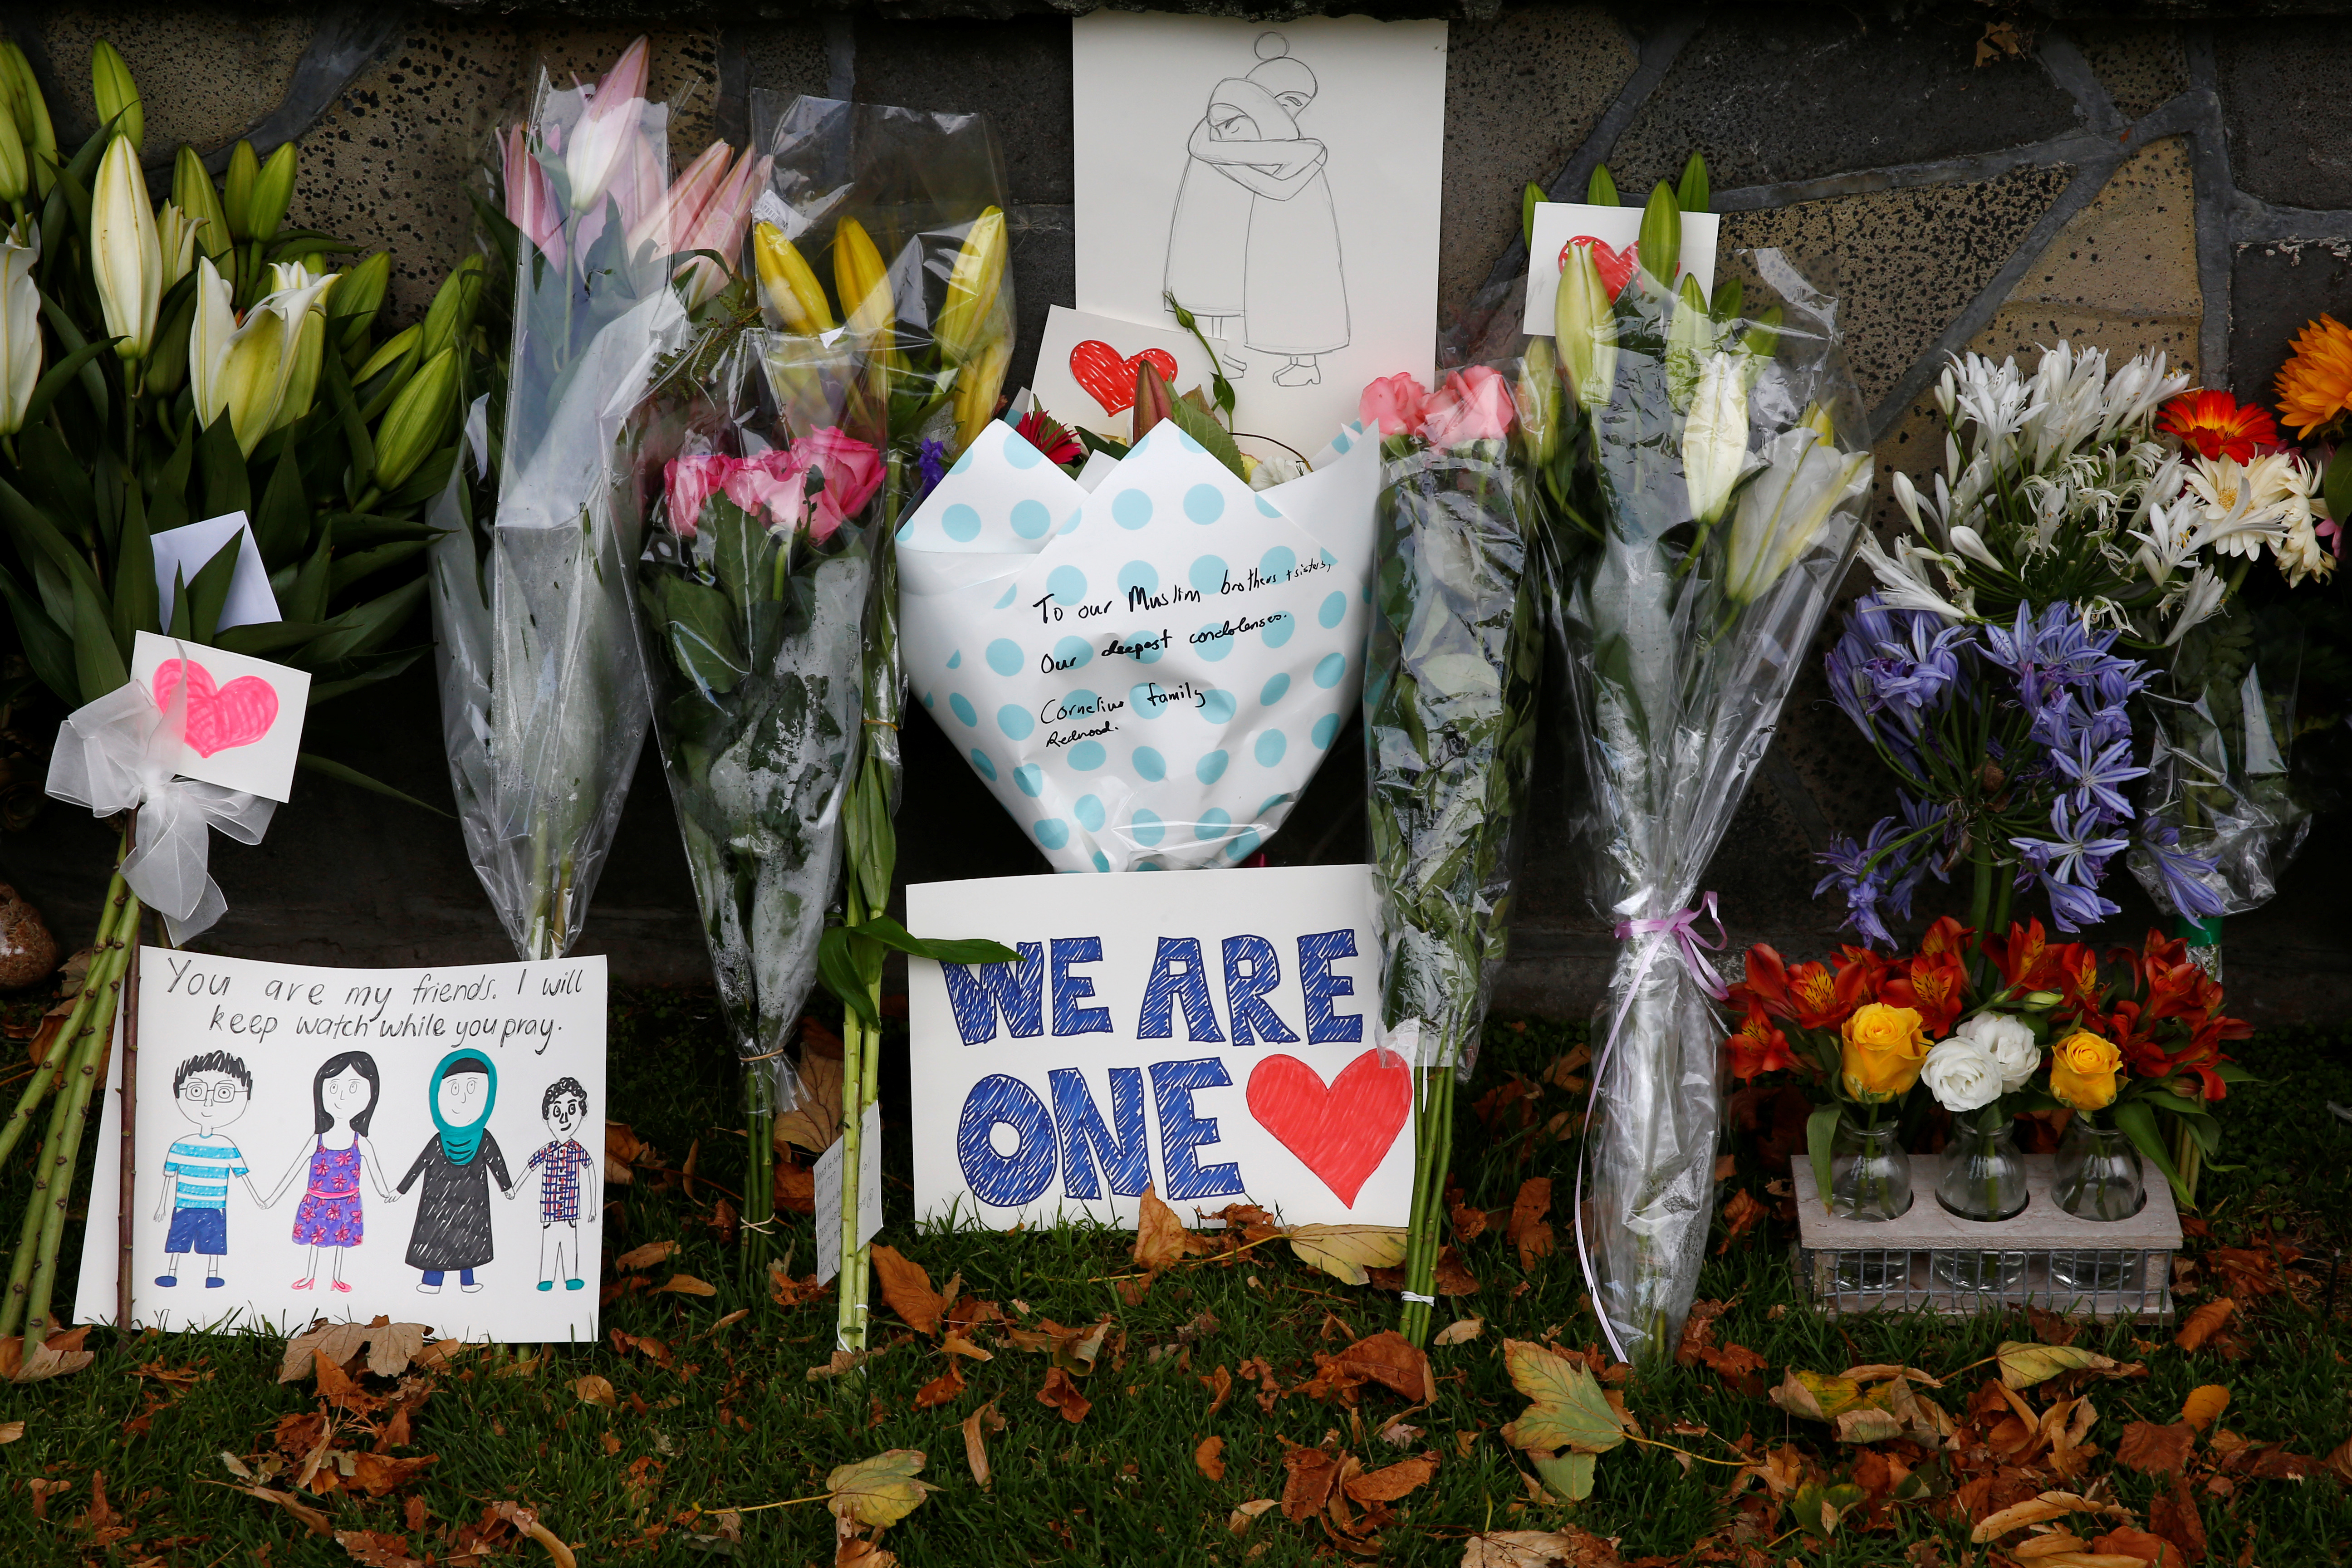 Los tributos y mensajes de apoyo dejados en una de las mezquitas del ataque (REUTERS/Edgar Su)